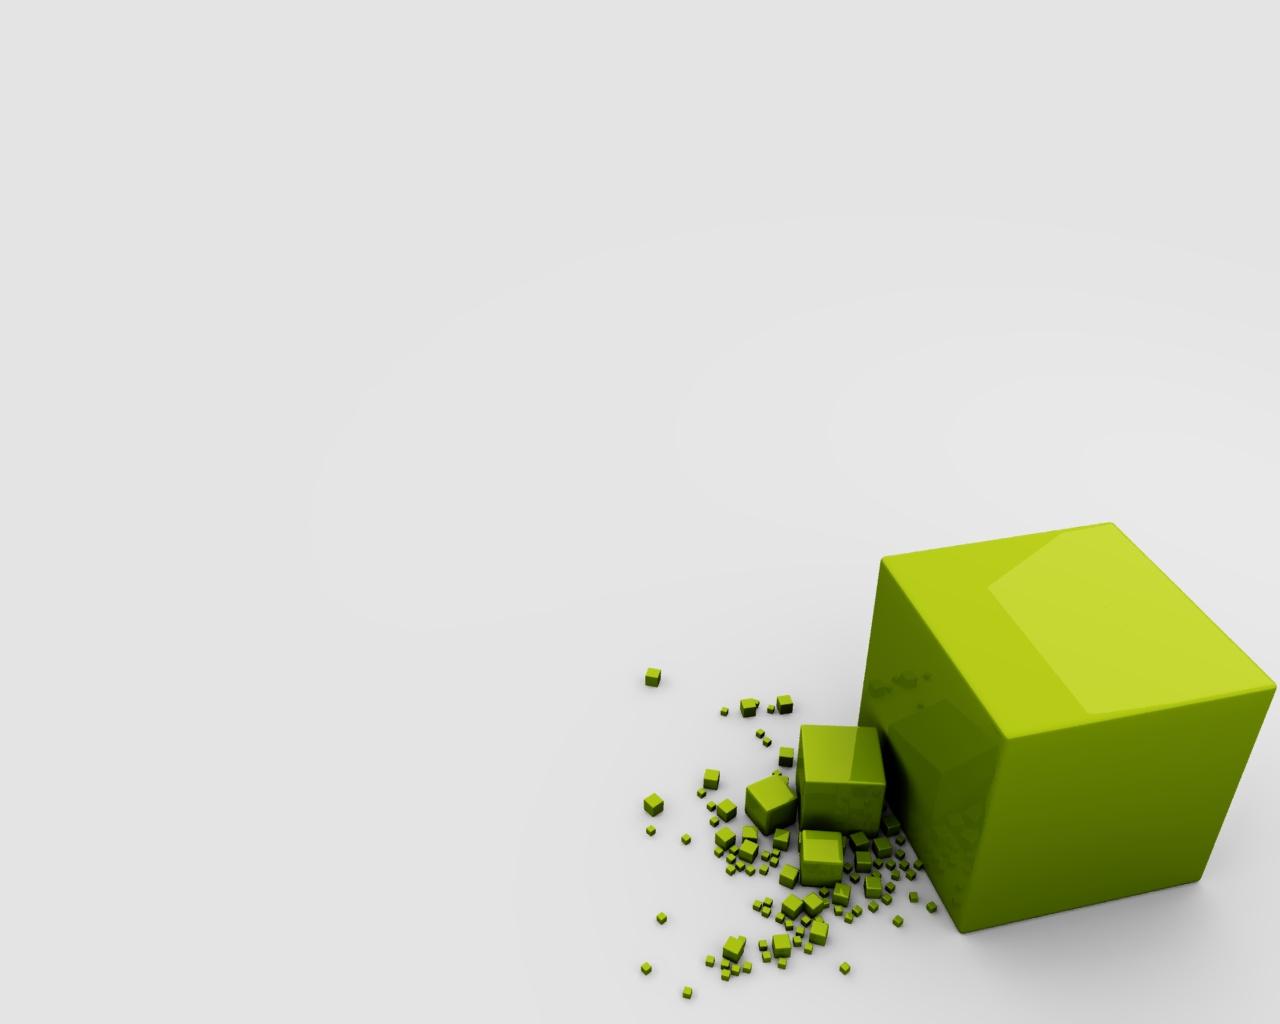 cube wallpaper   Pictures Photos Pics images Desktop Backgrounds 1280x1024